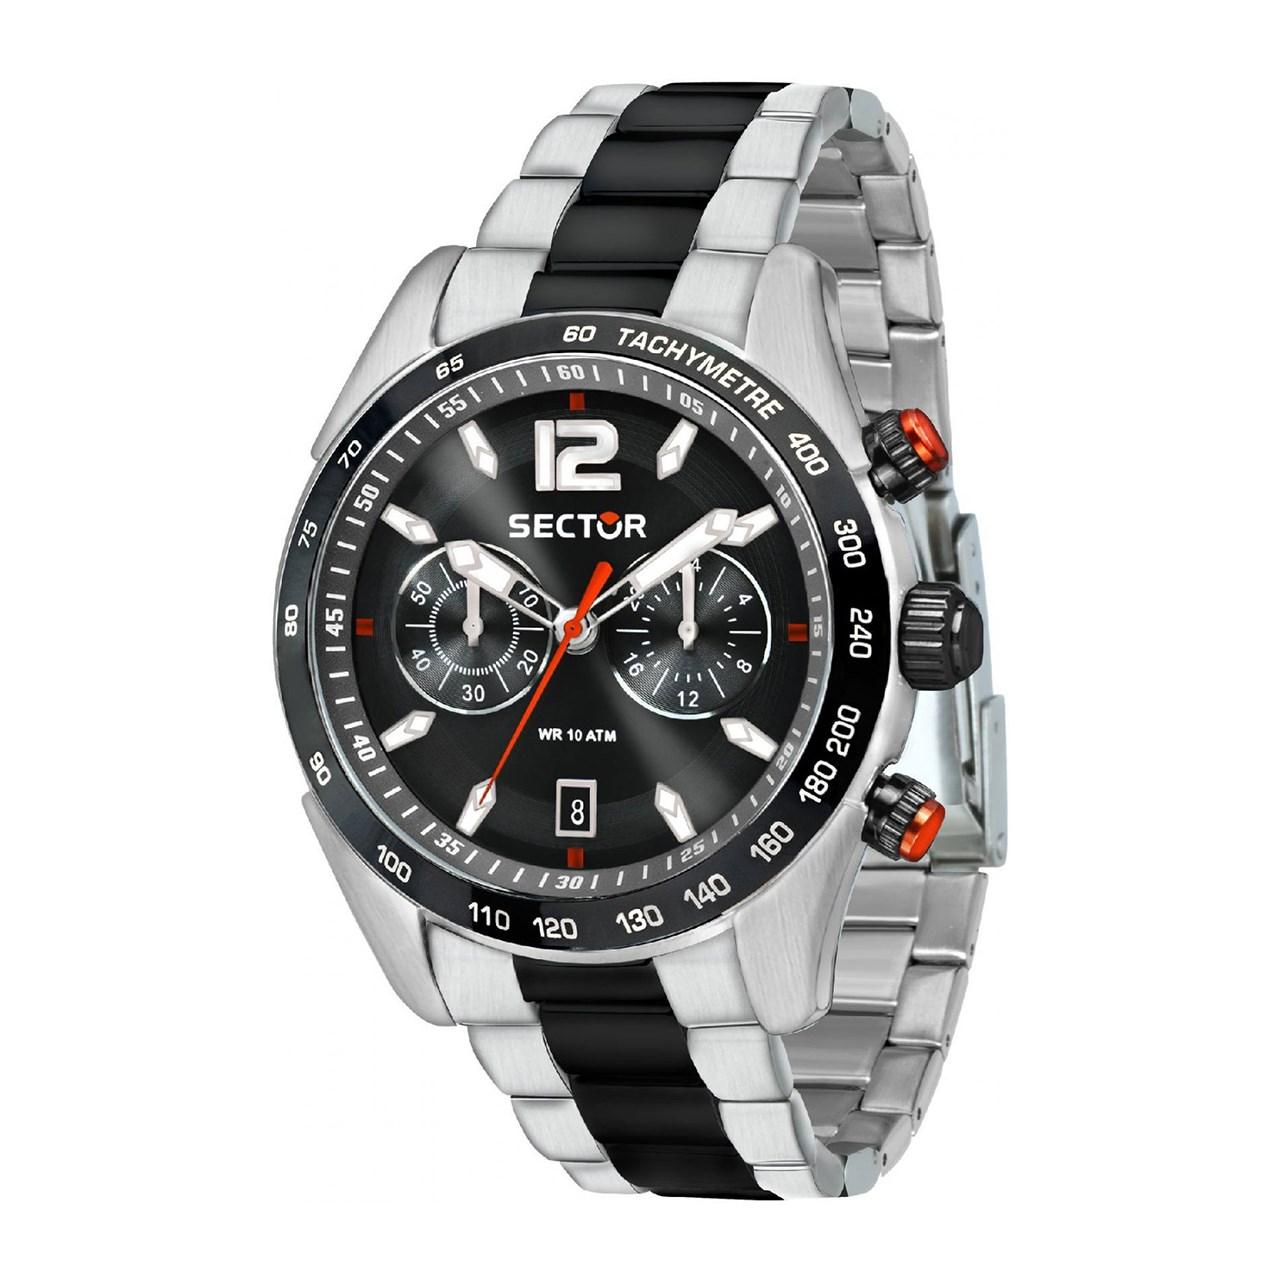 ساعت مچی عقربه ای مردانه  سکتور مدل 330-3273794005